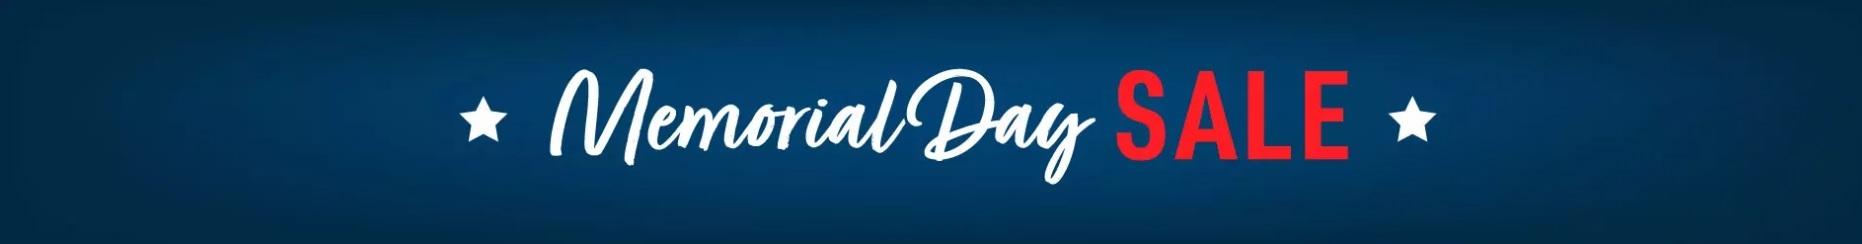 memorial-day-banner-2.jpg